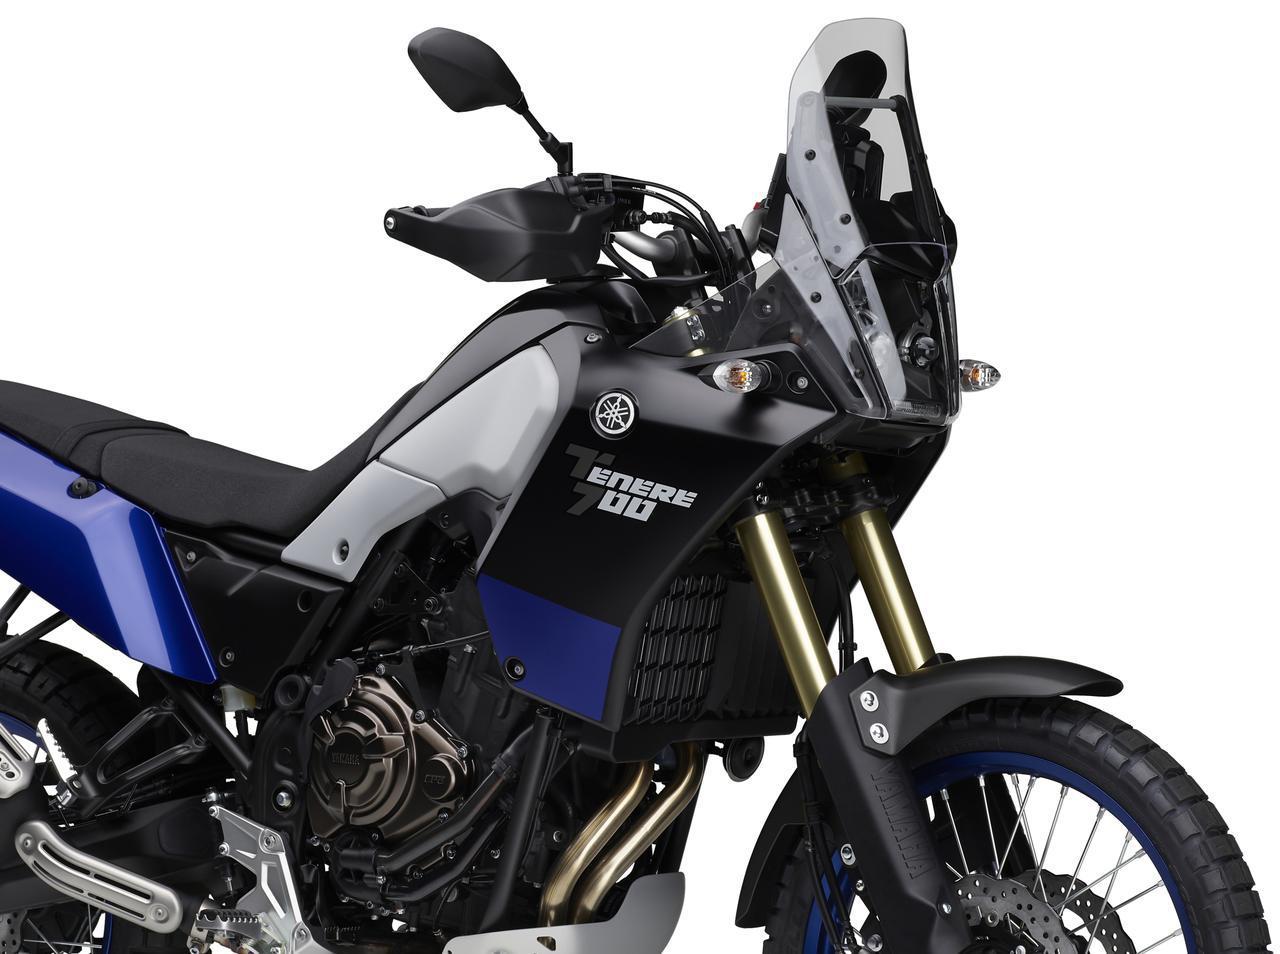 画像: ヤマハ「テネレ700 ABS」 のカラーやスペック、特徴などの情報はこちら! - webオートバイ